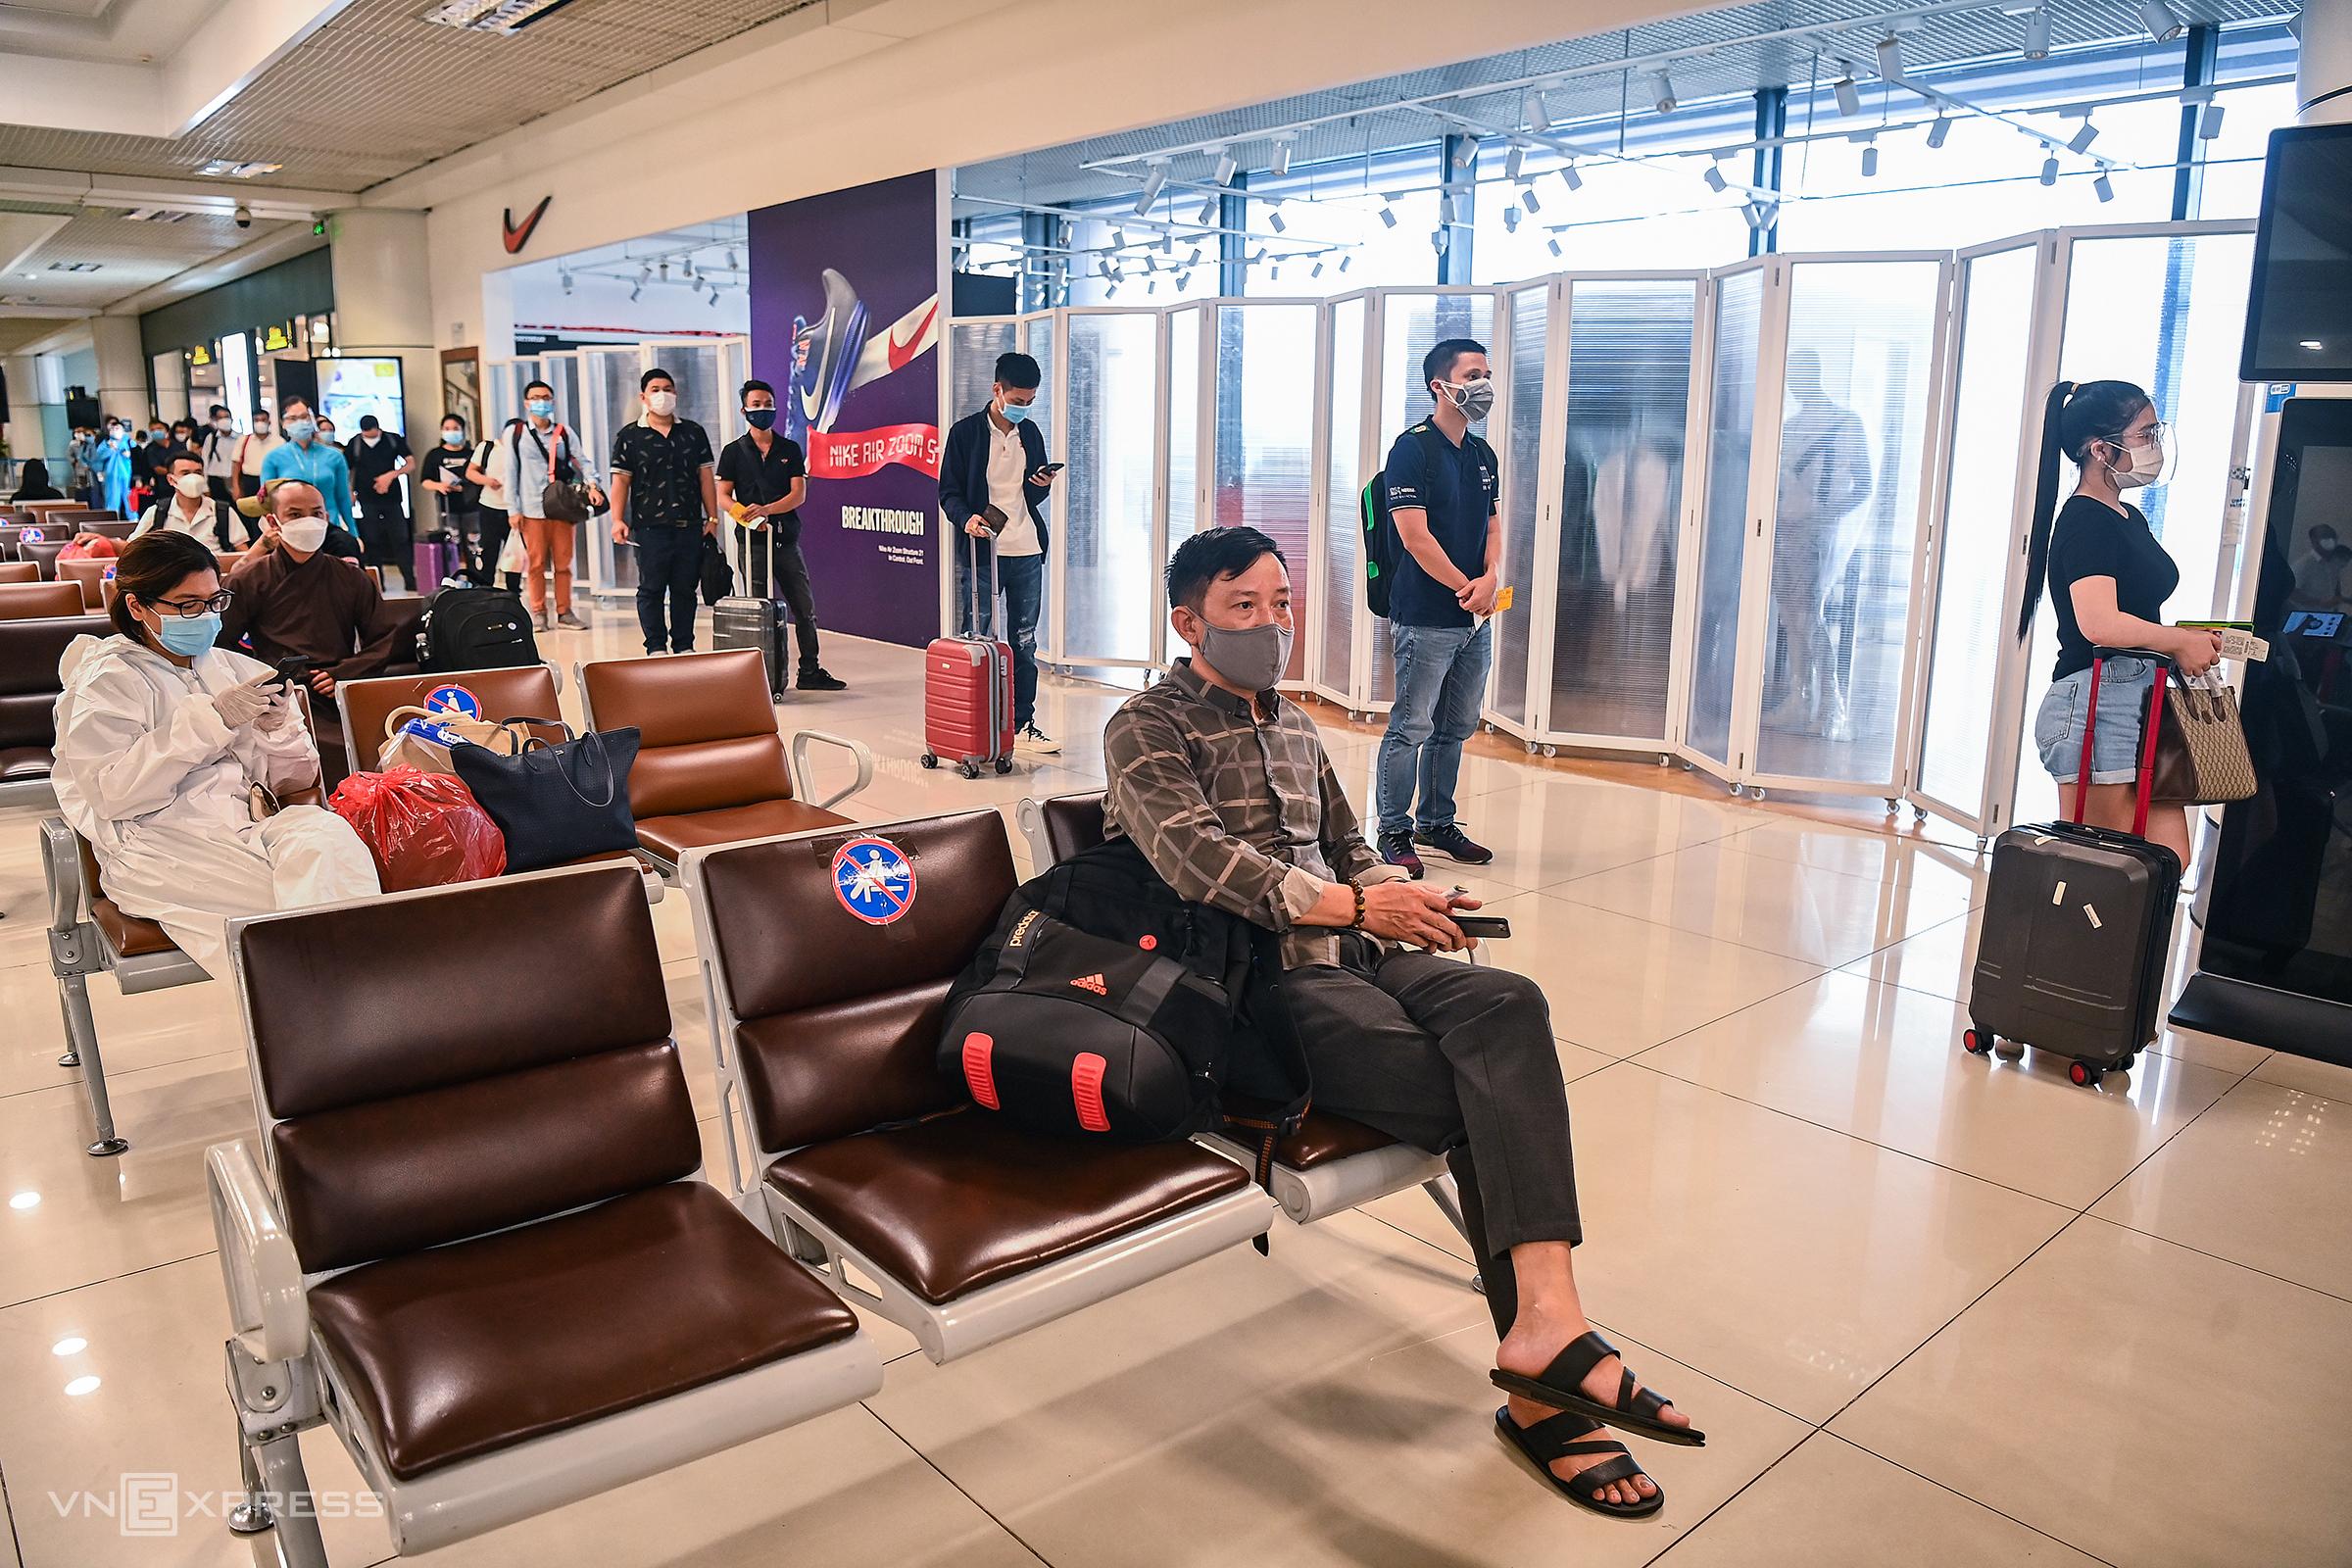 Hành khách ngồi và đứng giãn cách trước giờ lên chuyến bay thương mại đầu tiên VN213 đi TP HCM. Ảnh: Giang Huy